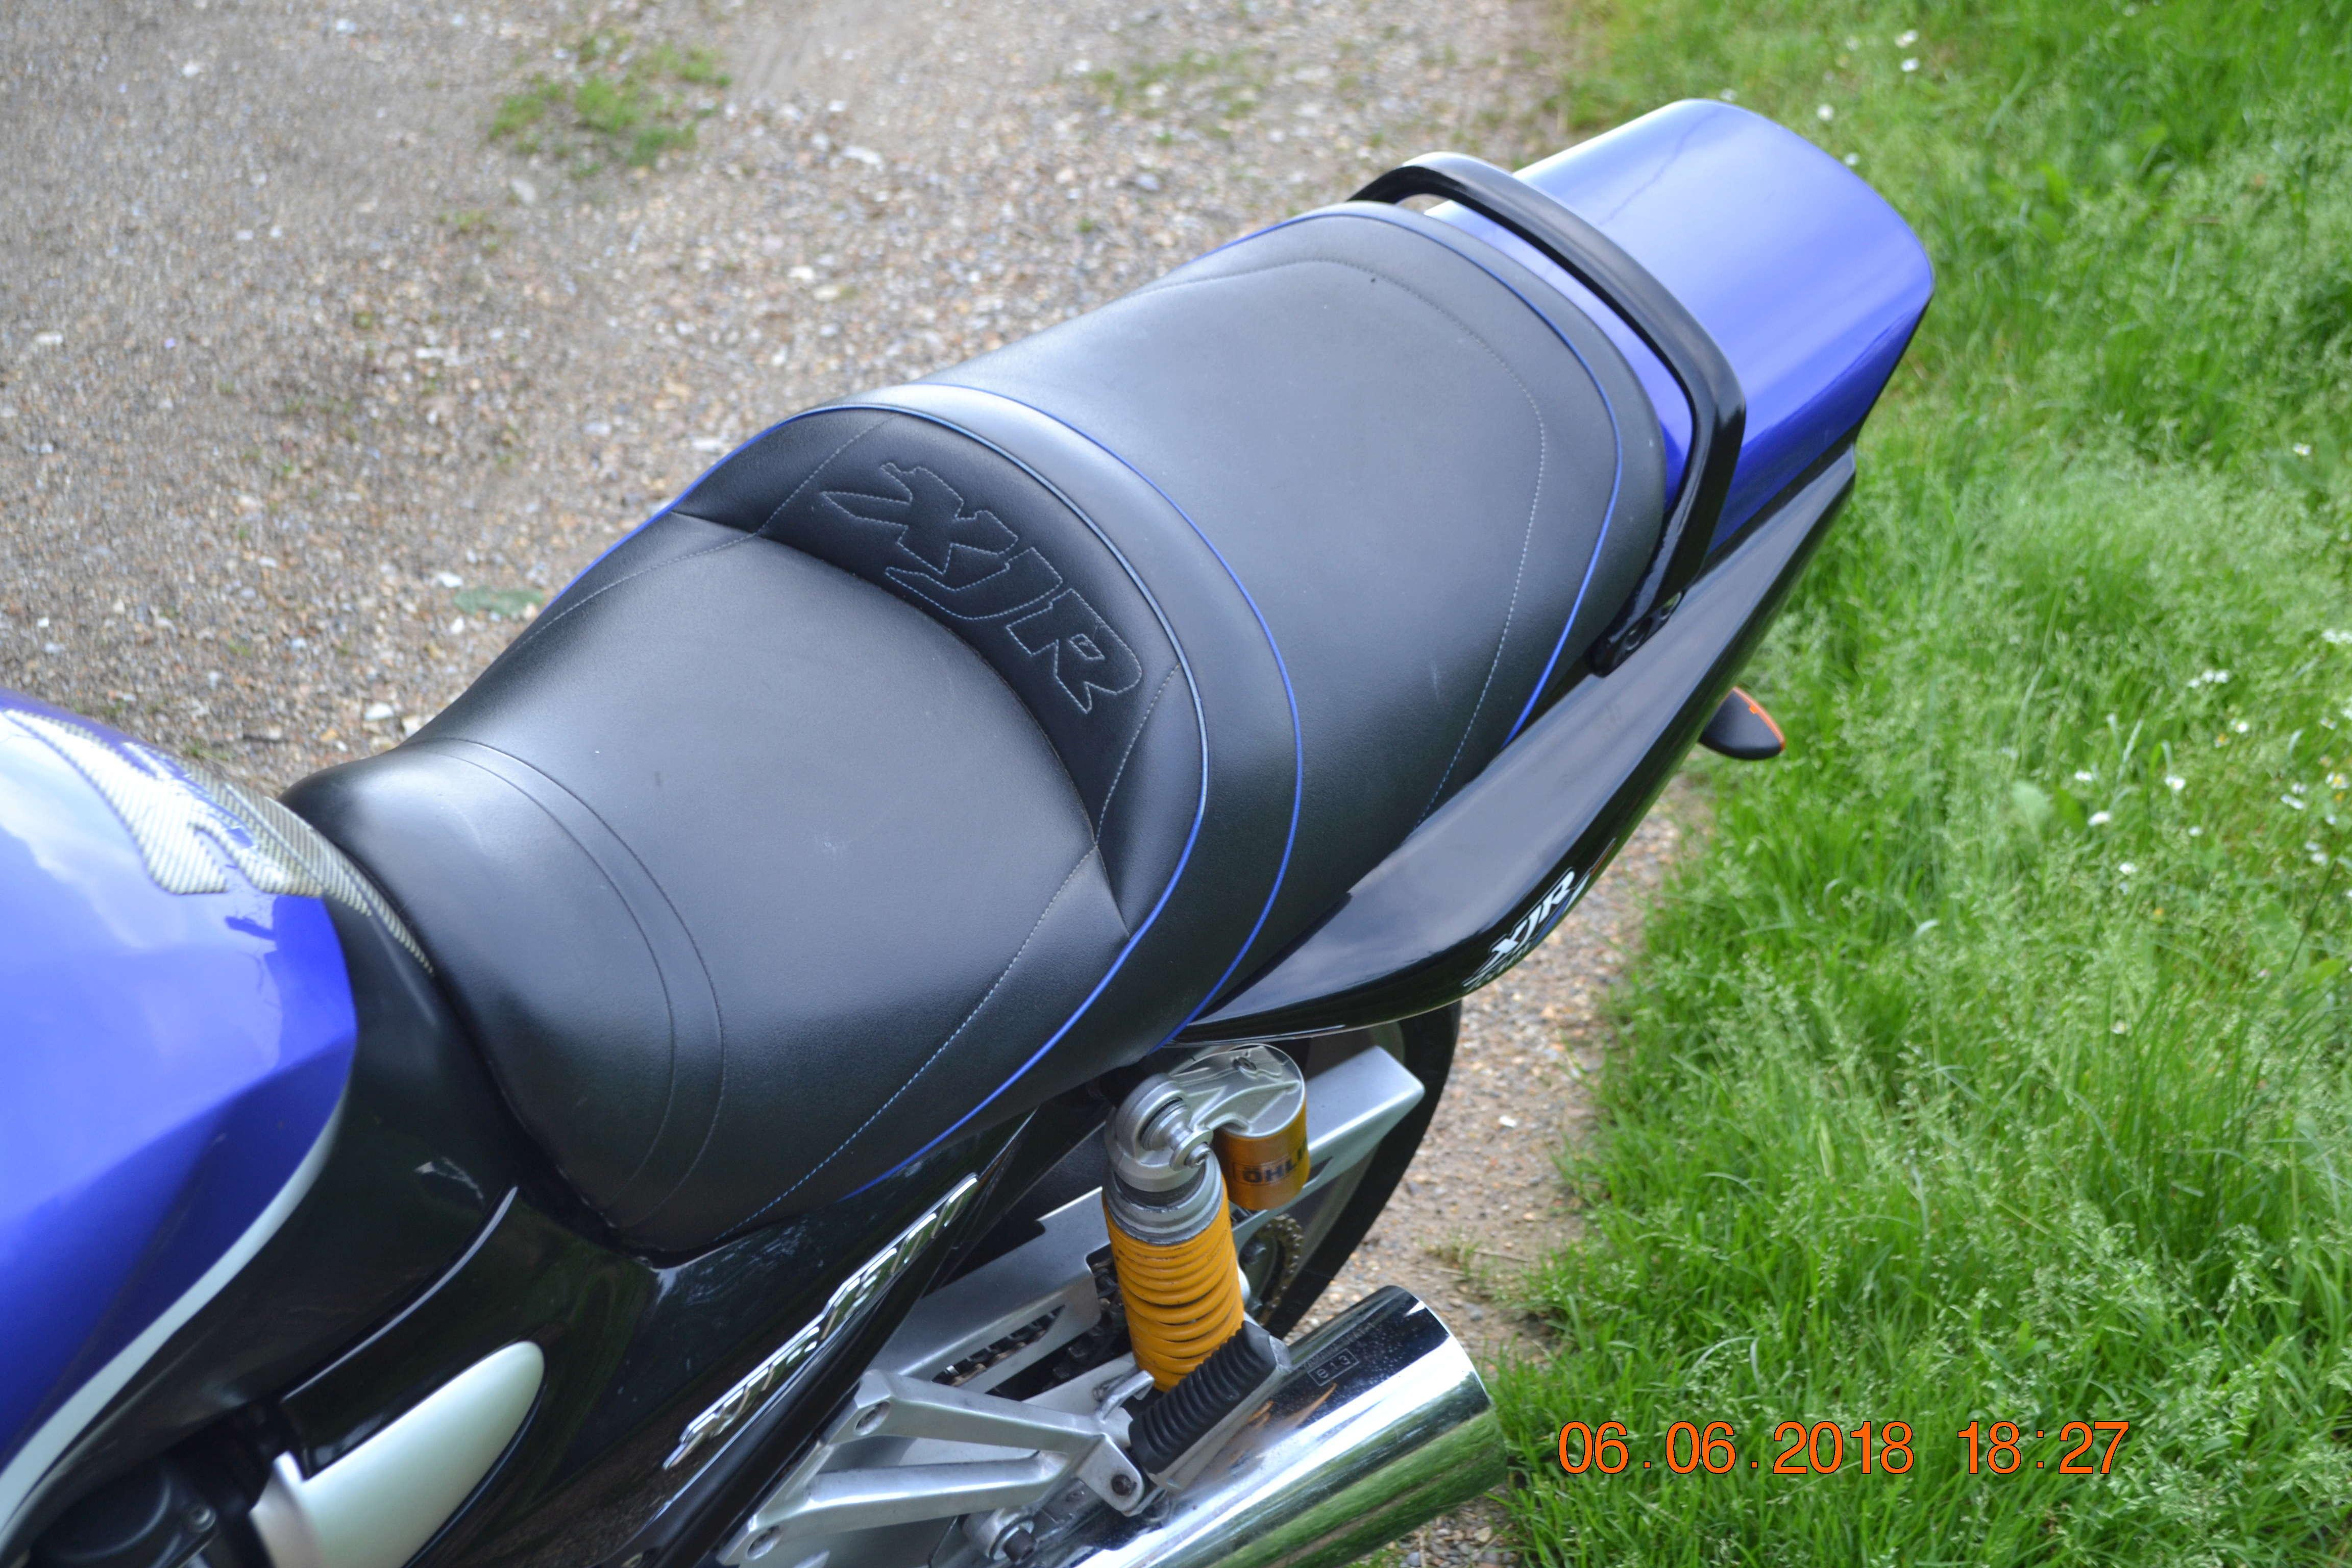 1300 xjr modele 2002 bleue Vendue Dsc_0154